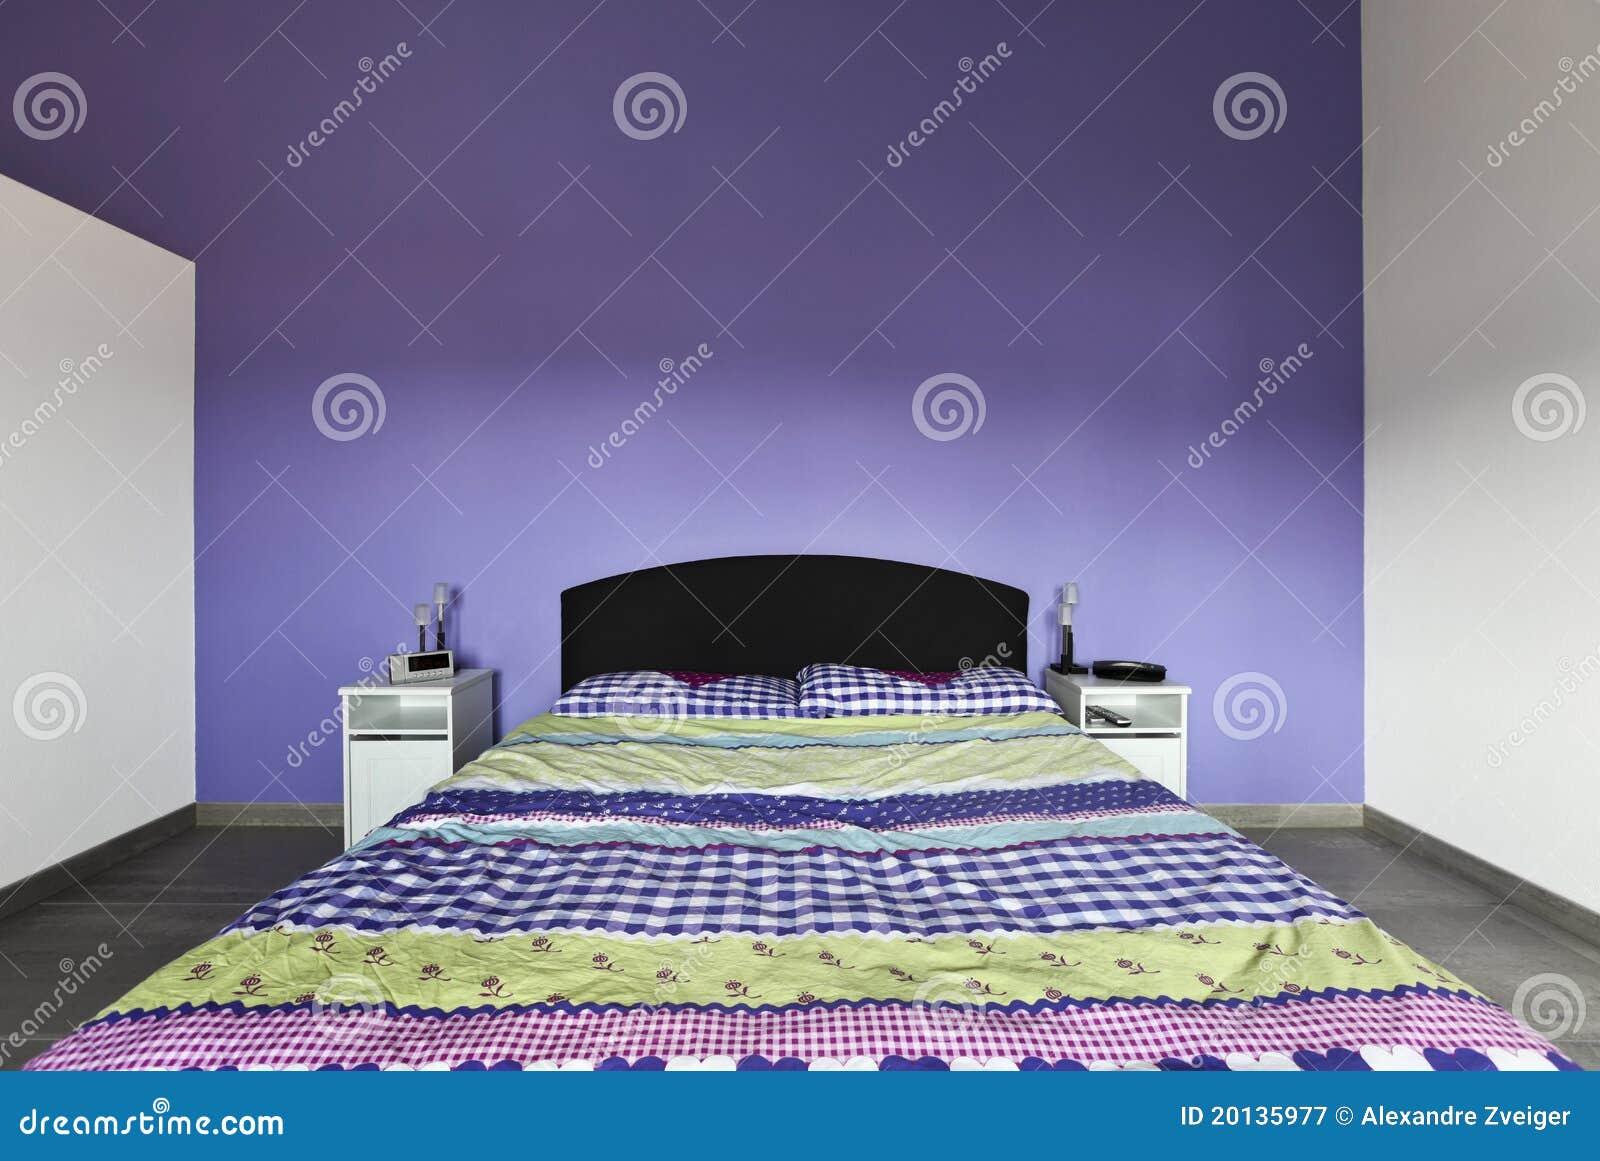 Interiore camera da letto con la parete viola fotografia - Camera da letto bianca e viola ...